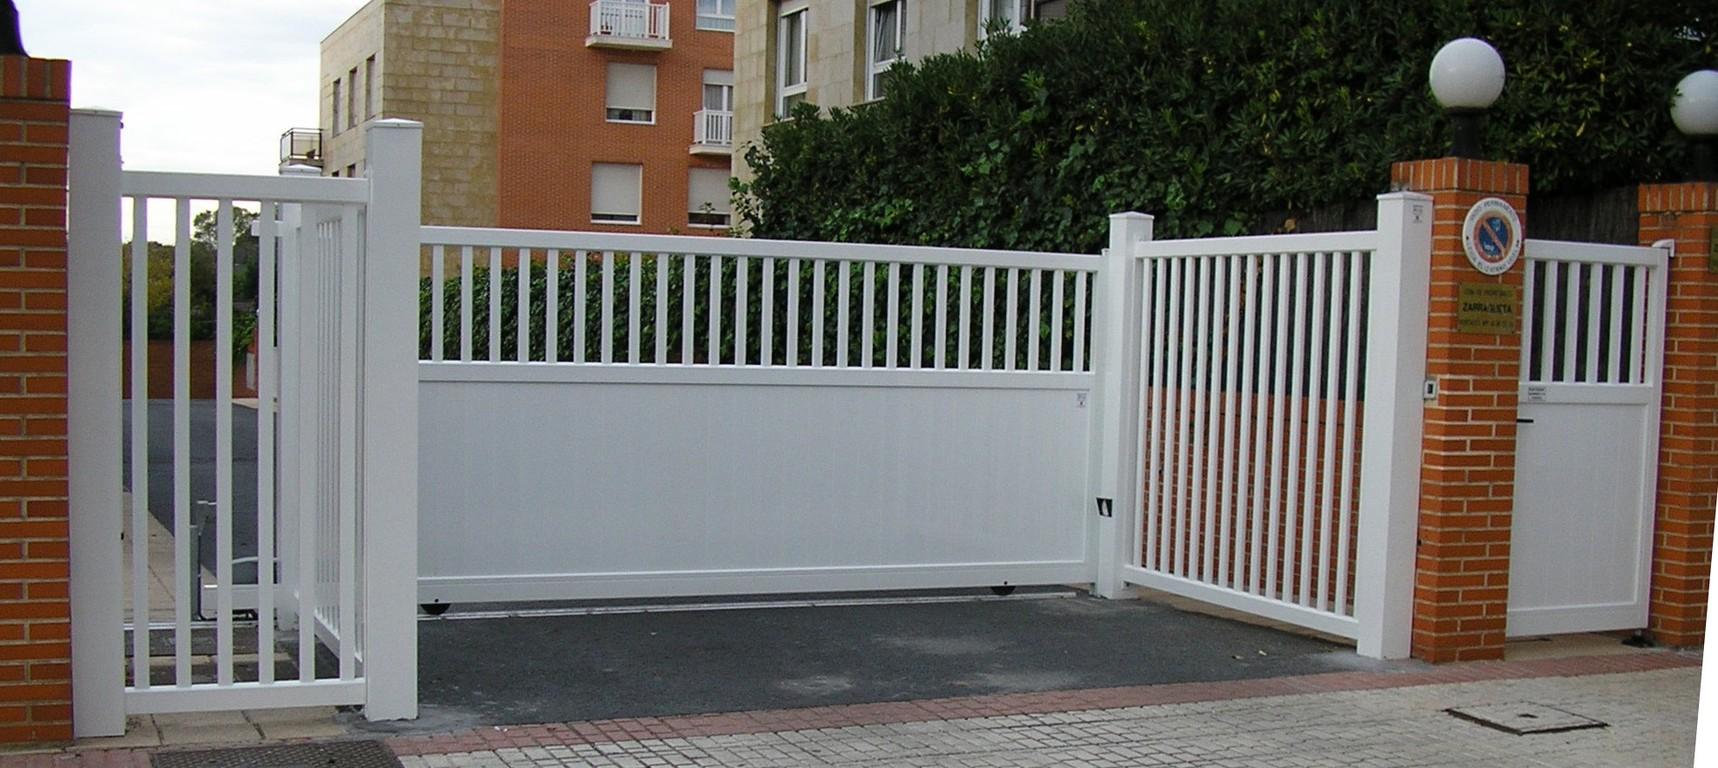 Puertas de aluminio para entrada principal puerta de - Puertas de aluminio para entrada principal ...